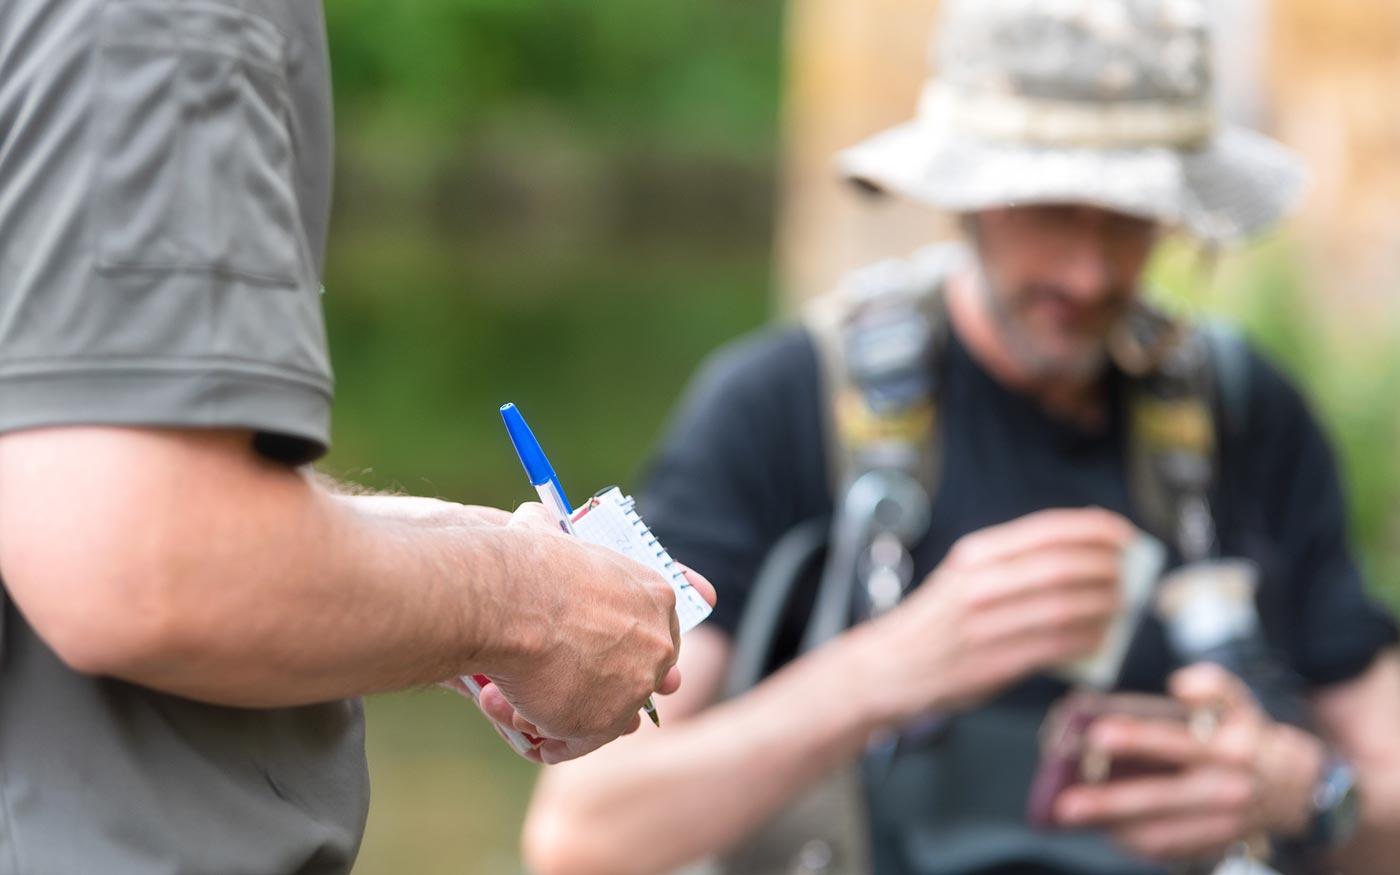 Halőr kerestetik a dunaharaszti KÉK-horgásztóhoz